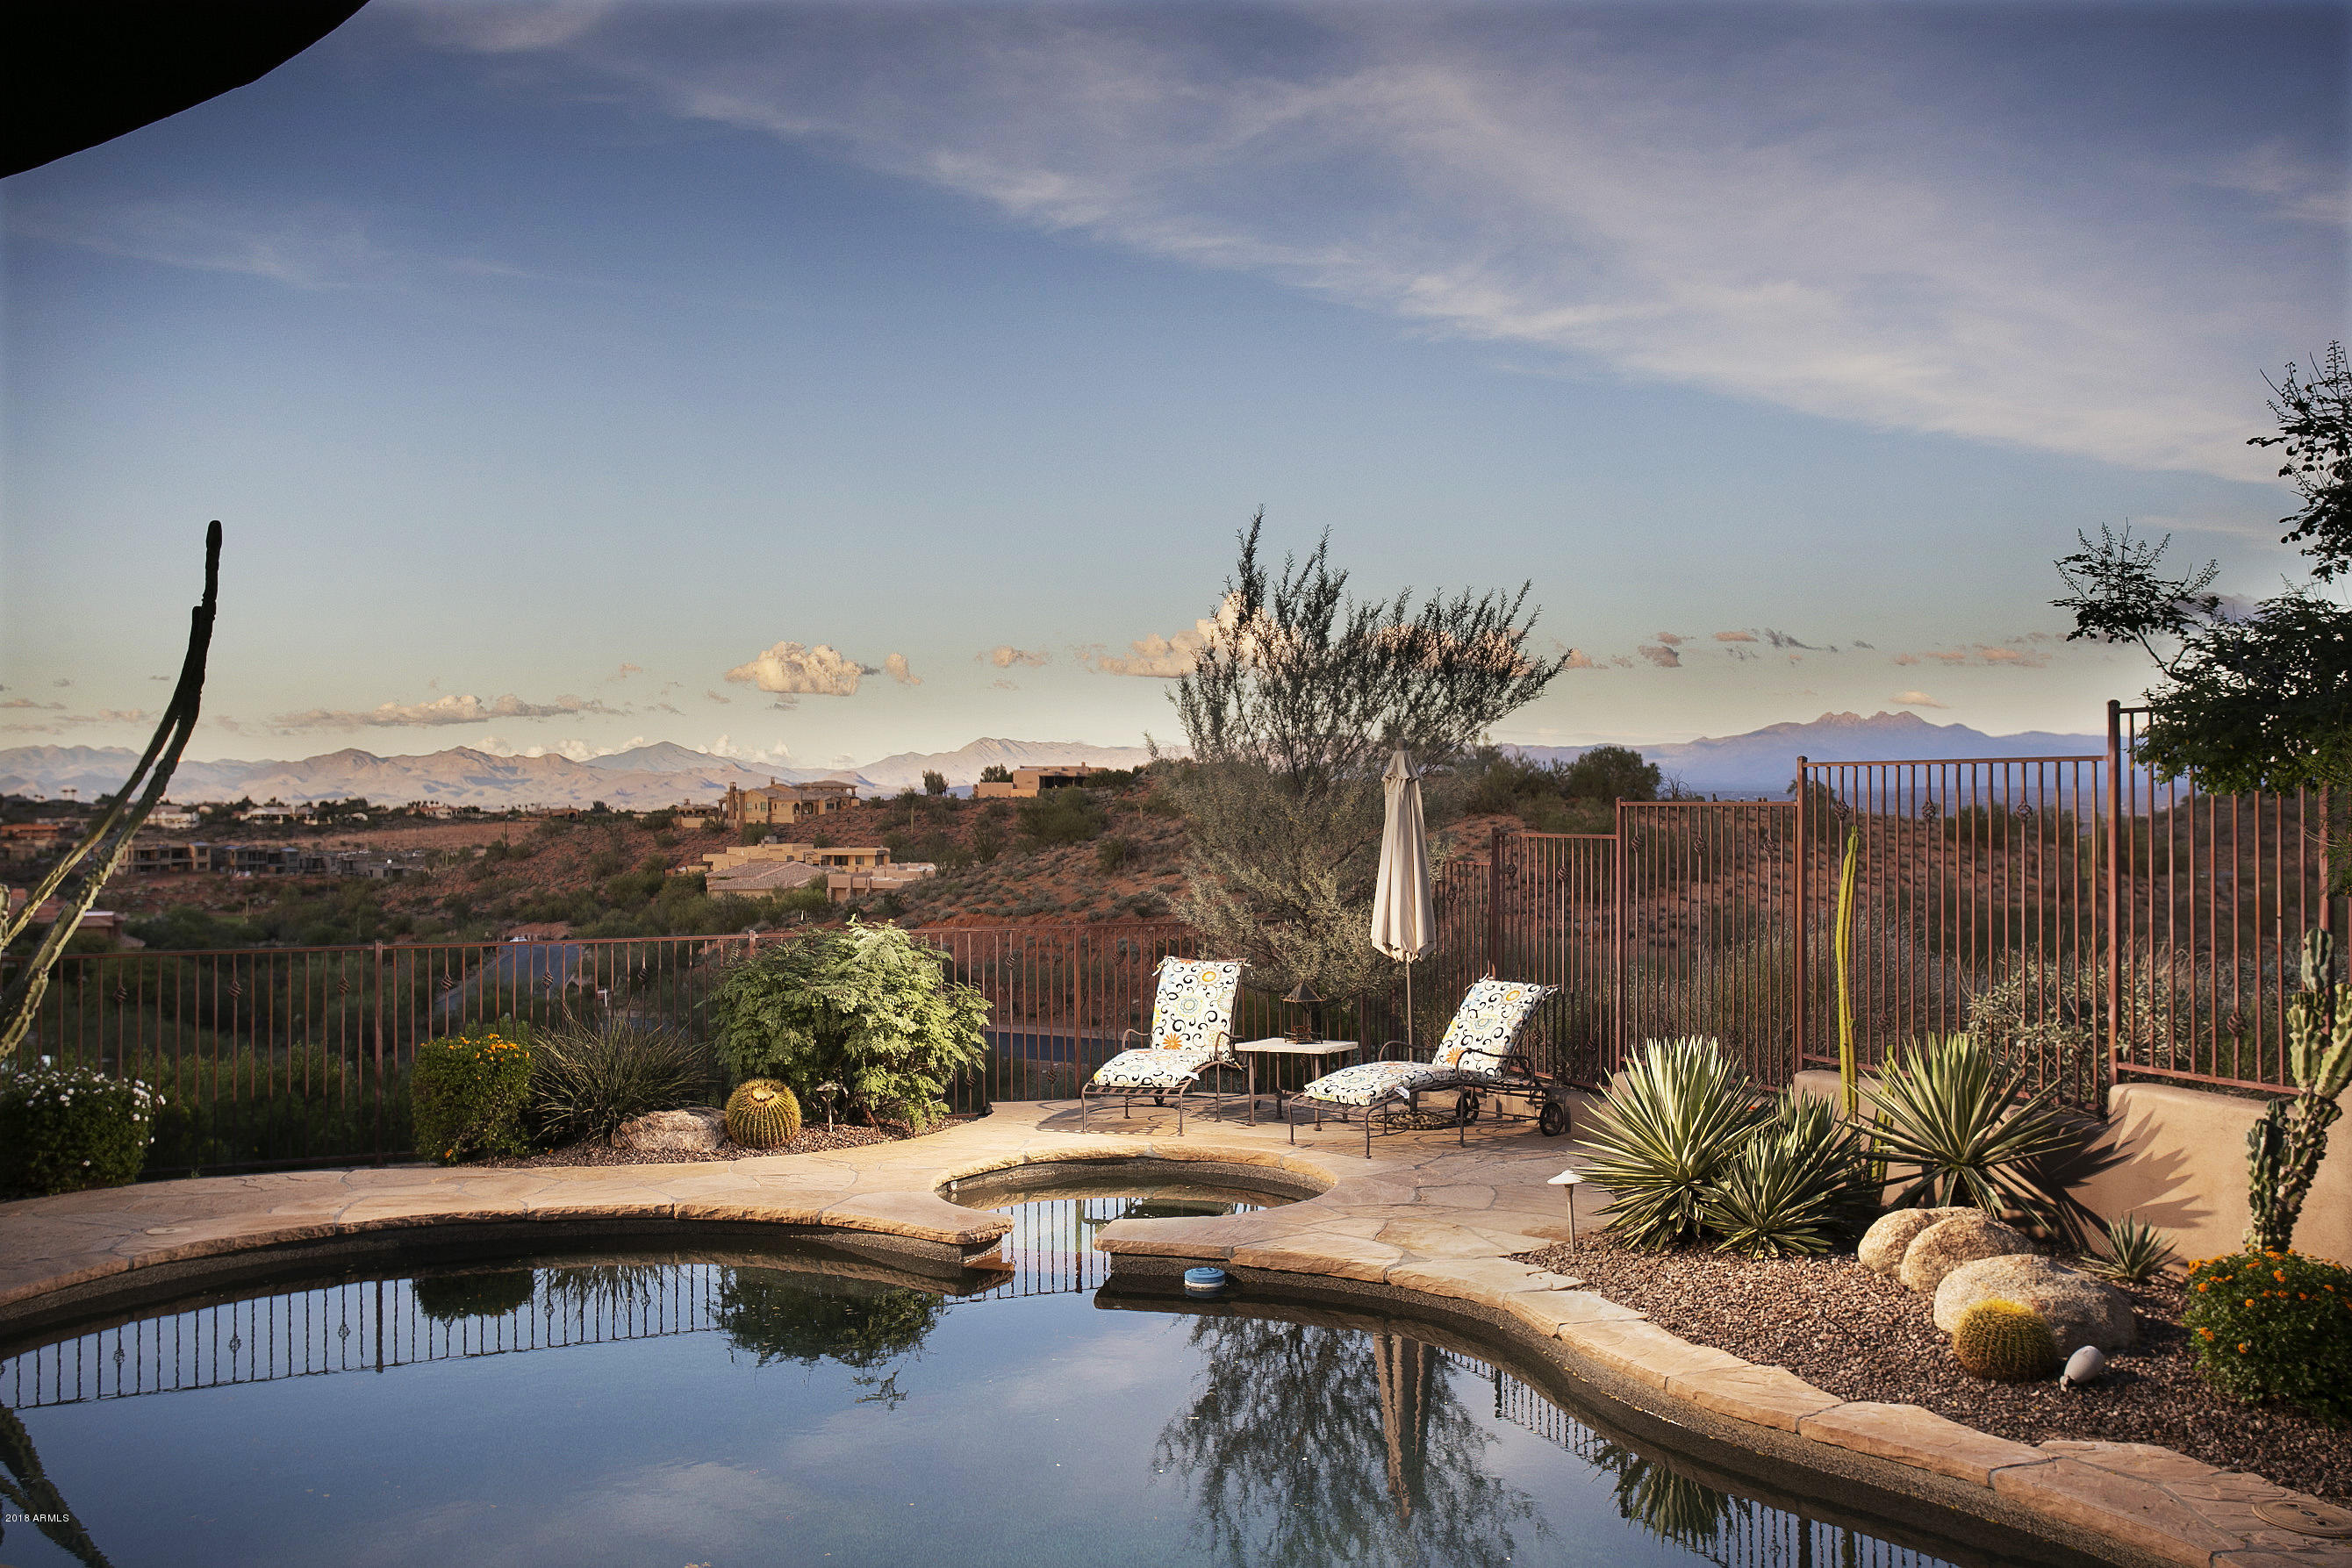 MLS 5837872 9607 N COPPER RIDGE Trail, Fountain Hills, AZ 85268 Fountain Hills AZ Three Bedroom